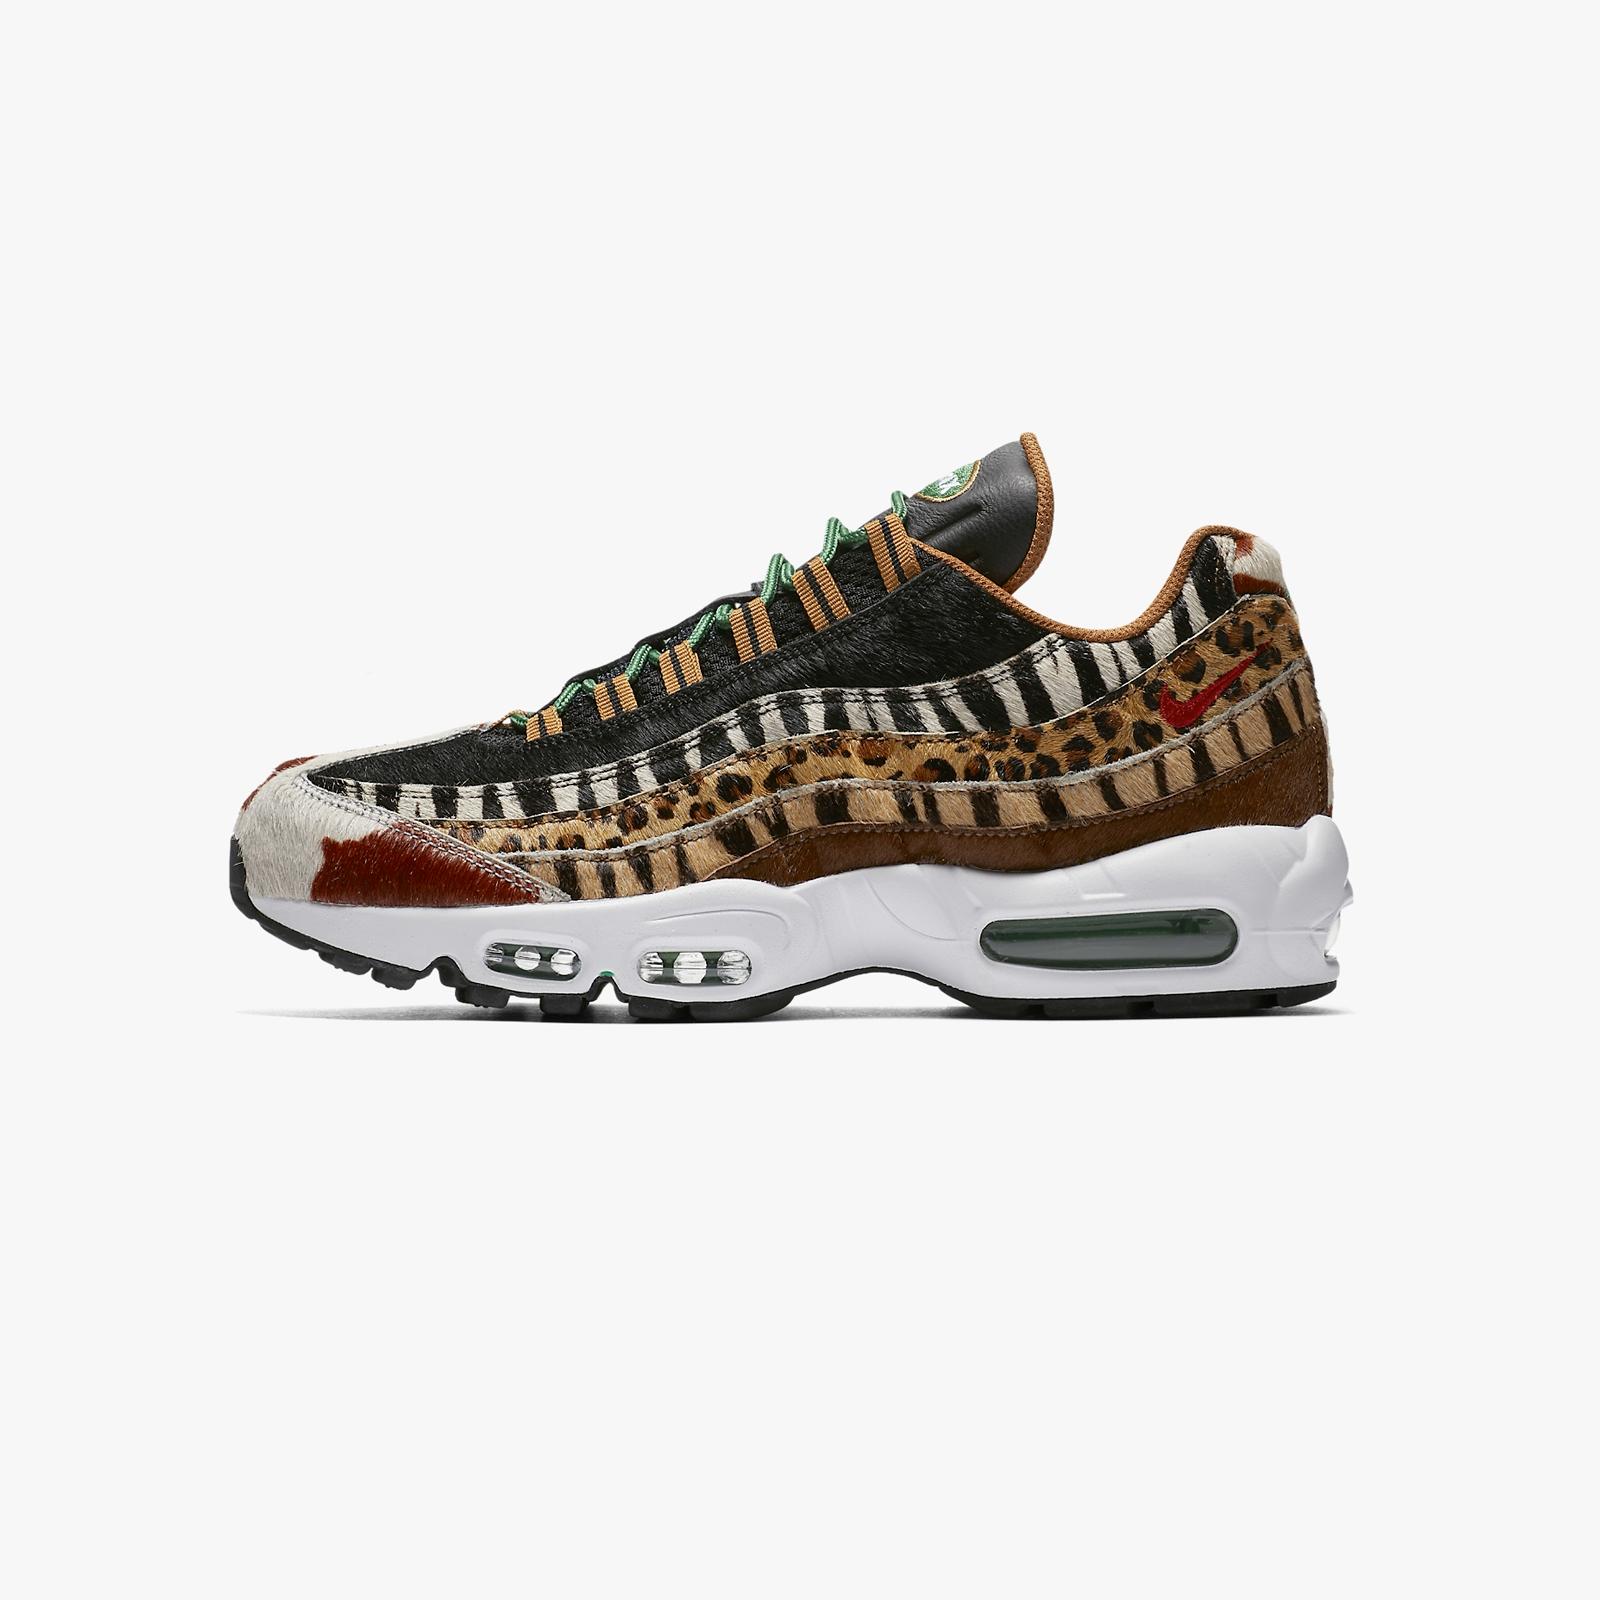 best sneakers 57940 4320f Nike Air Max 95 DLX Animal Pack 2.0 - Aq0929-200 - Sneakersnstuff    sneakers   streetwear online since 1999